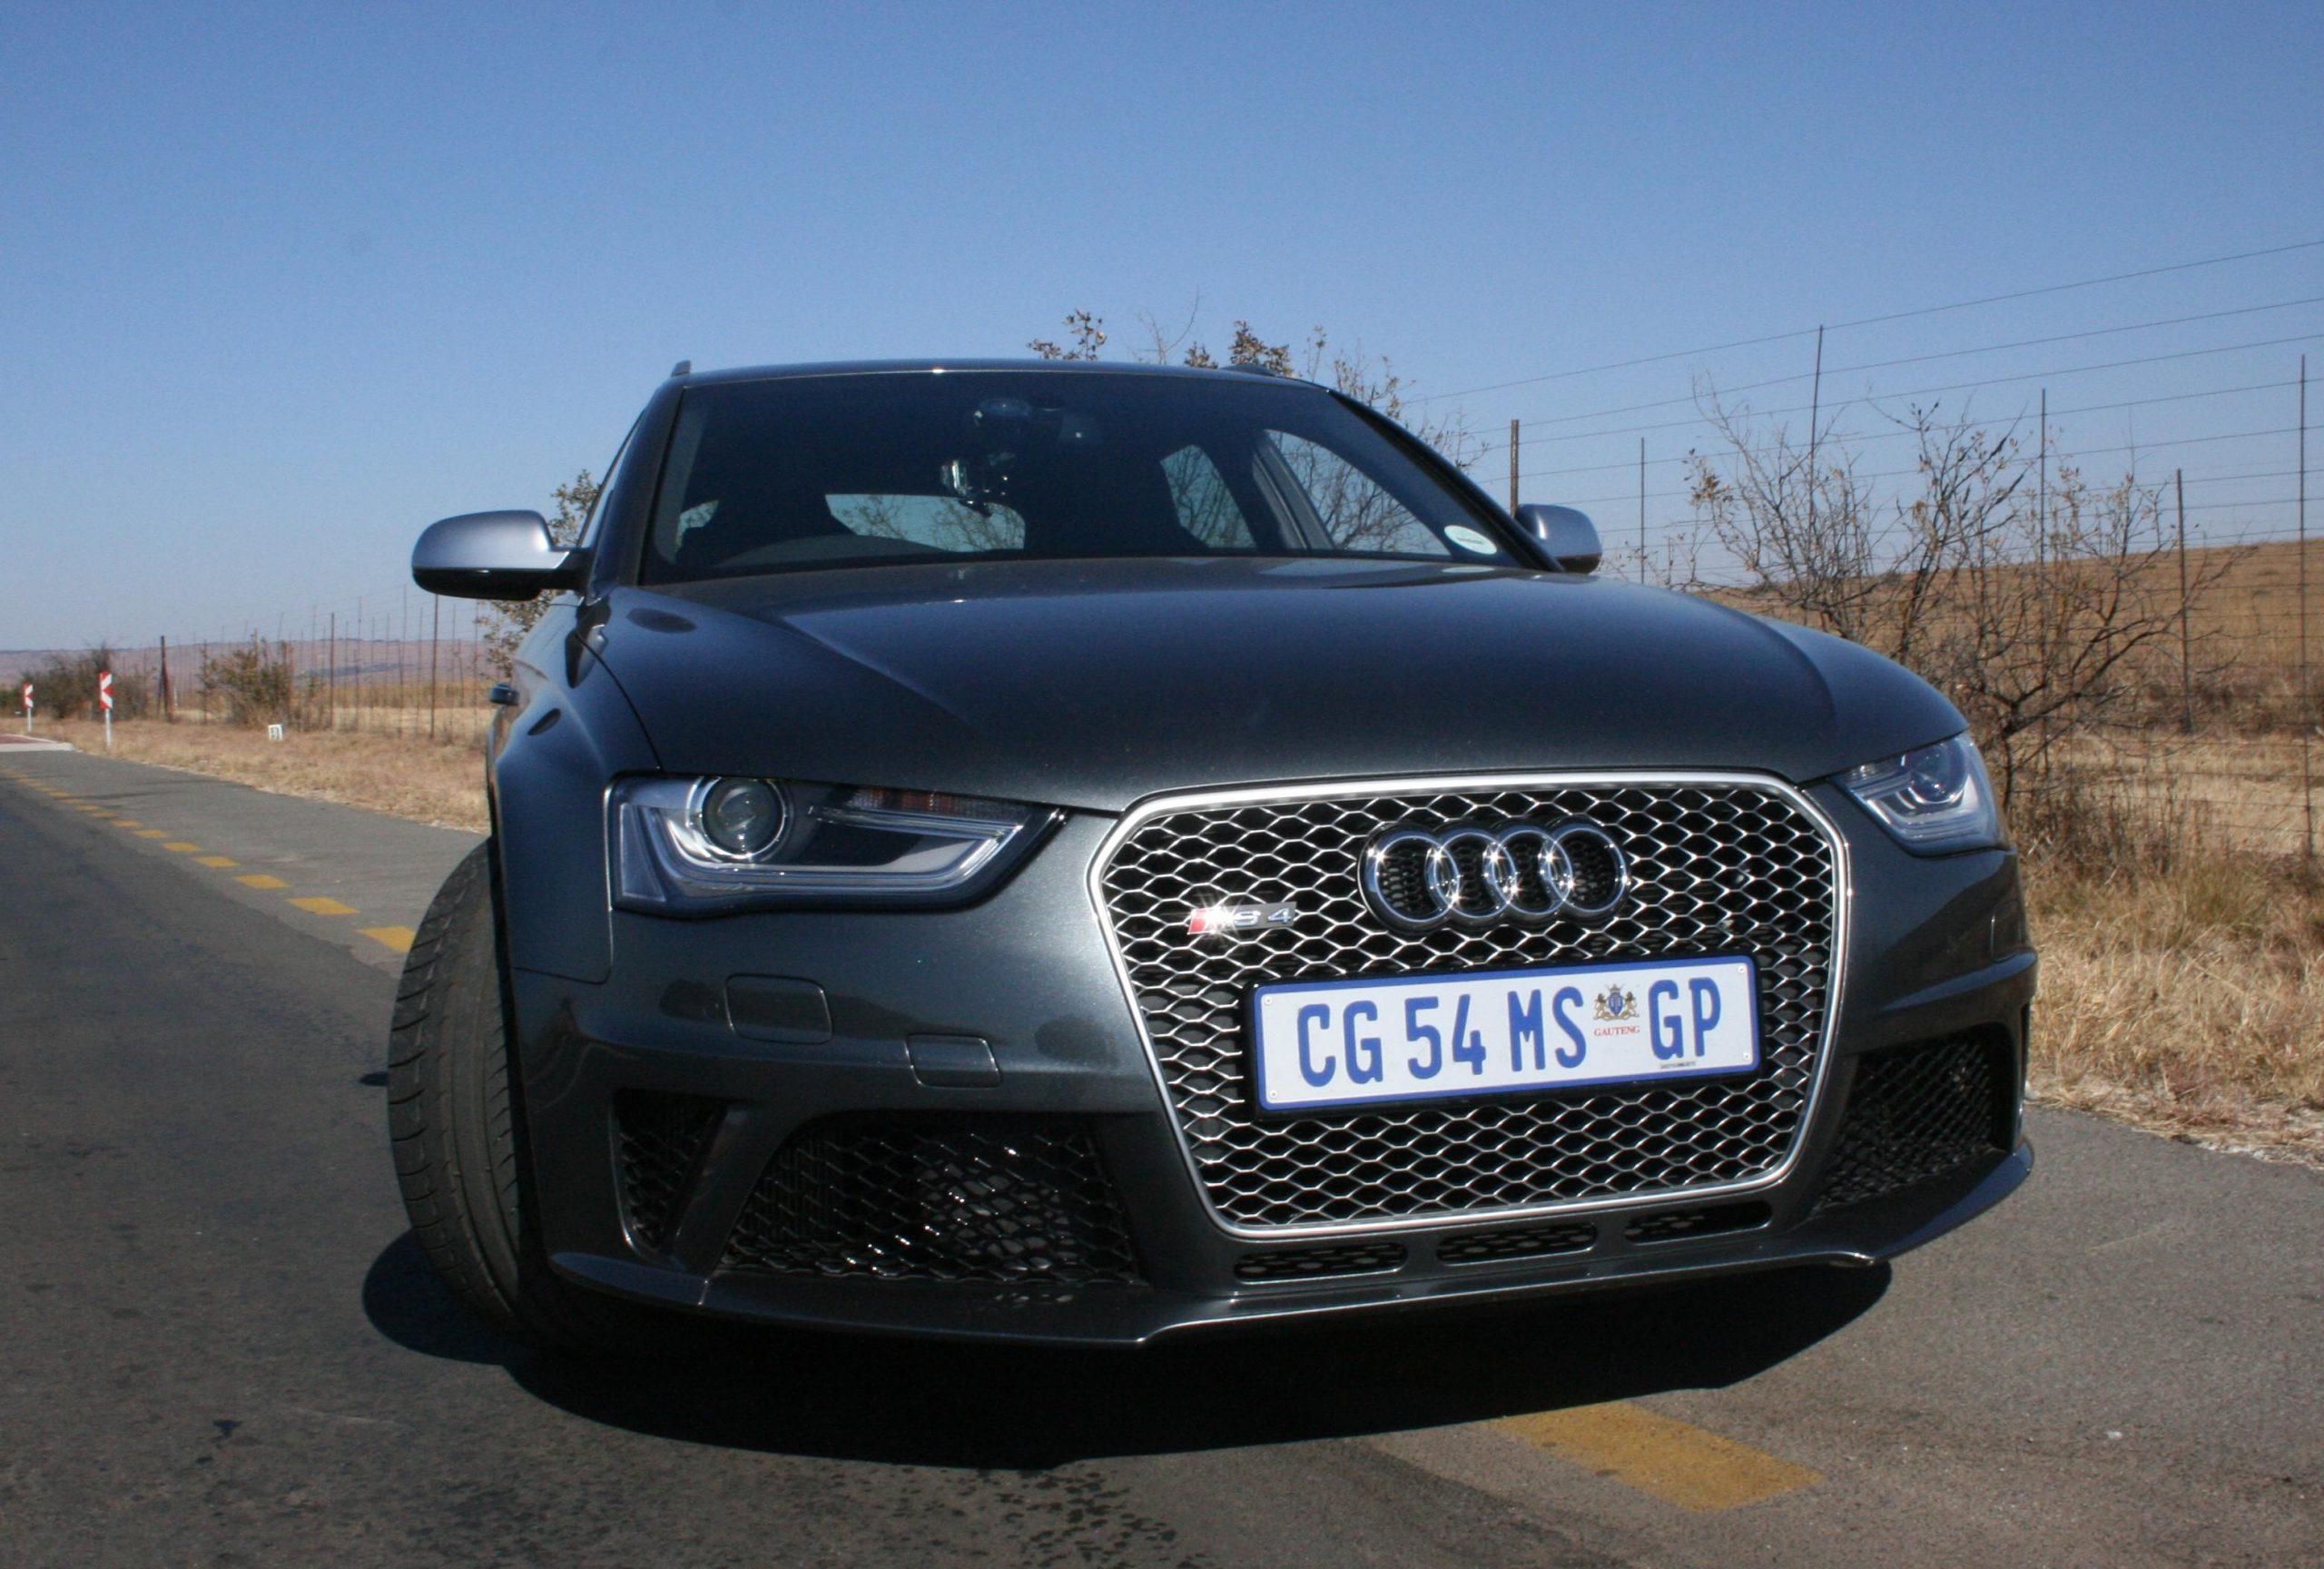 2013 Audi RS4 Avant Video Review